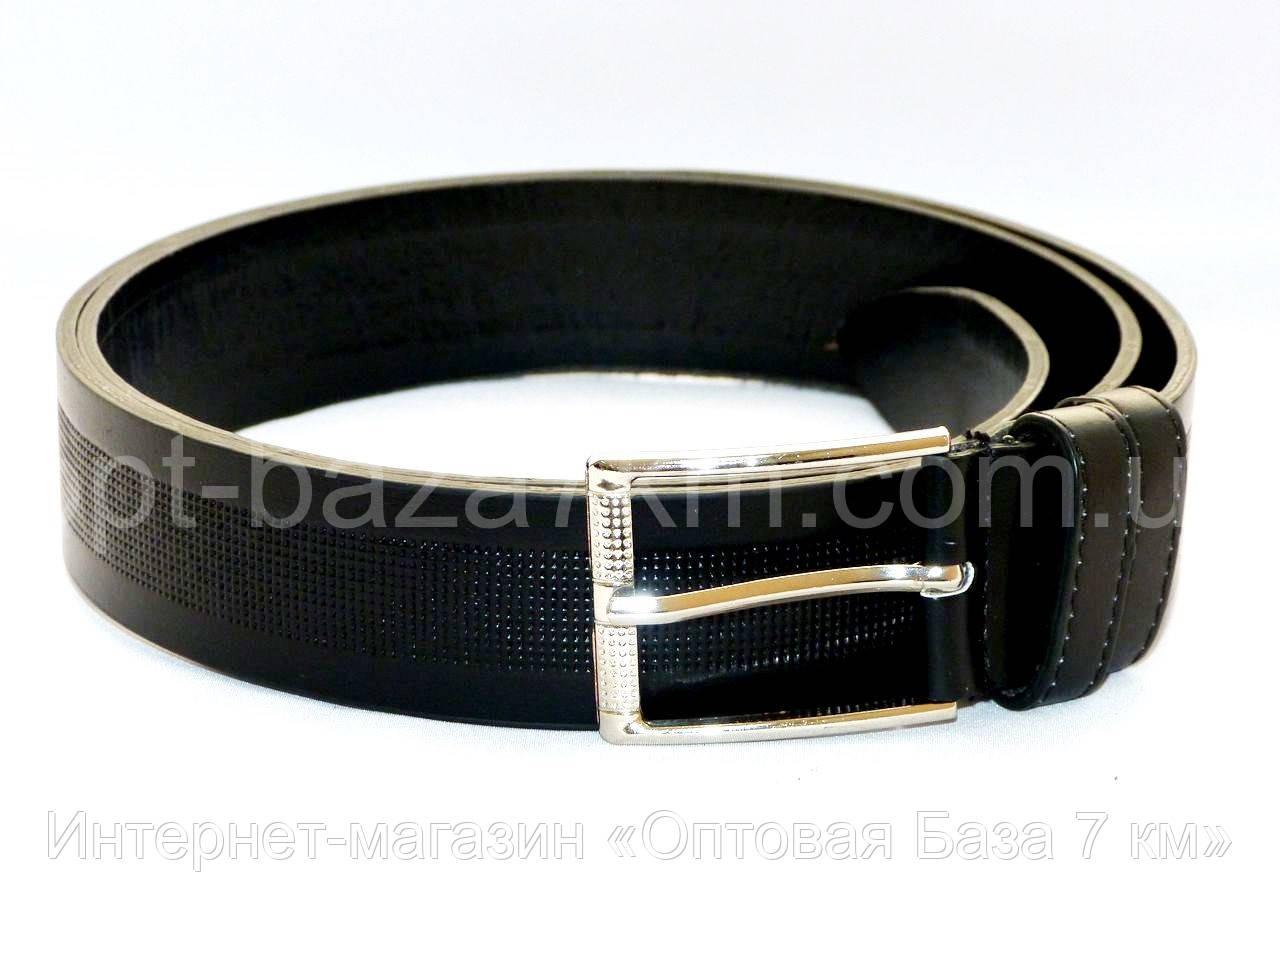 c039d1d7d403 Ремень мужской оптом классический купить в одессе 7 км - копии брендов